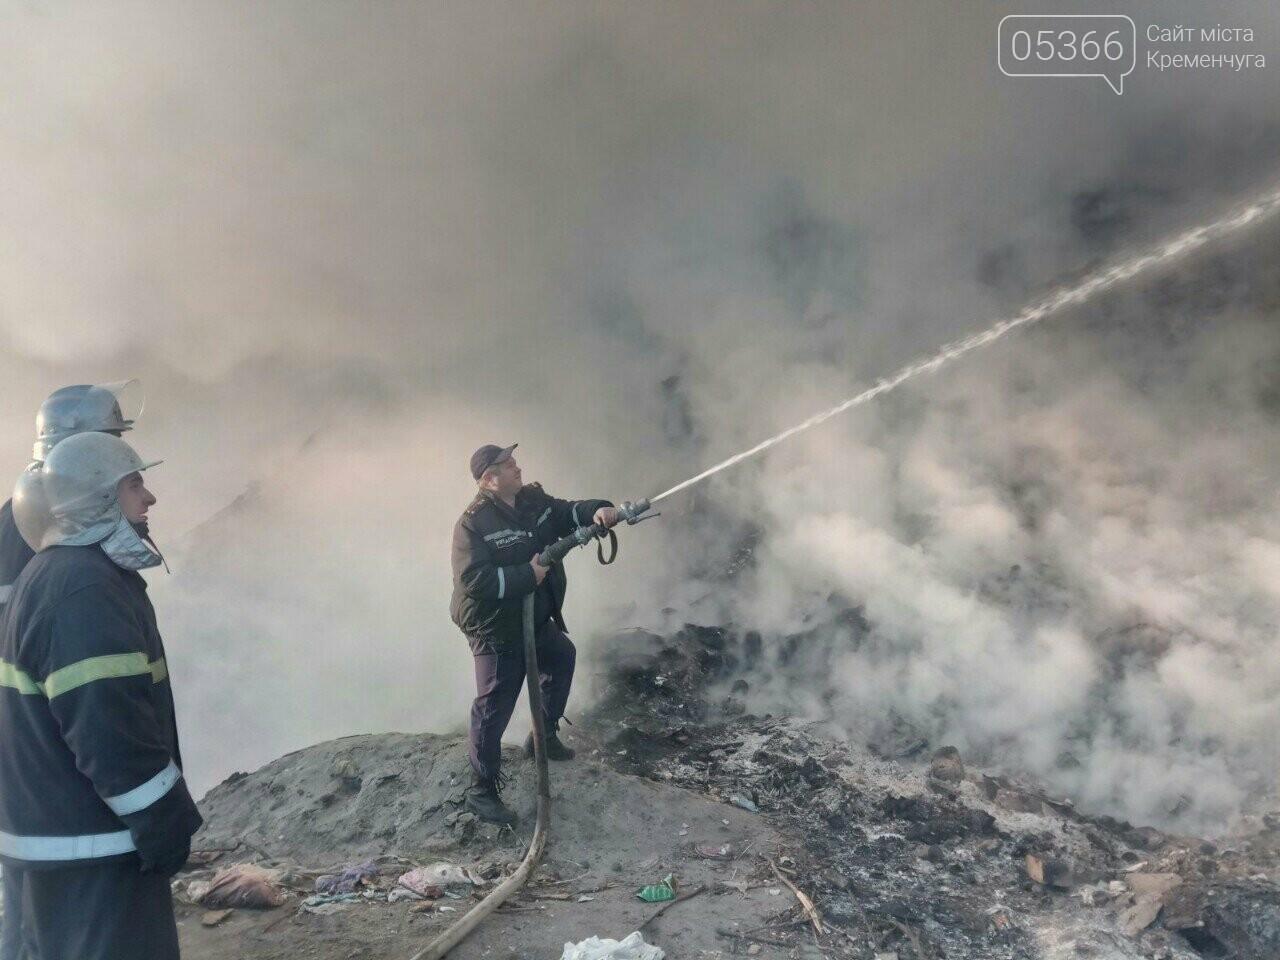 У Кременчуці горіло міське сміттєзвалище: пожежники боролись з вогнем протягом  восьми годин, фото-3